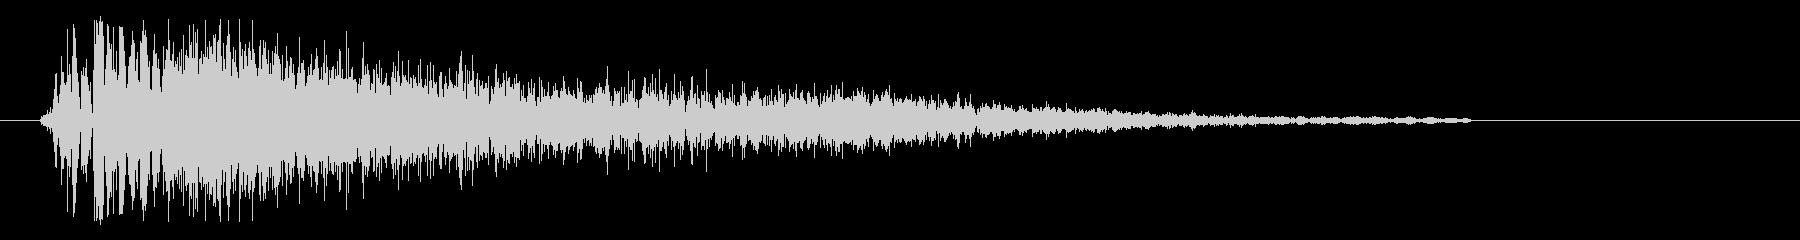 バシッというスネア音の未再生の波形